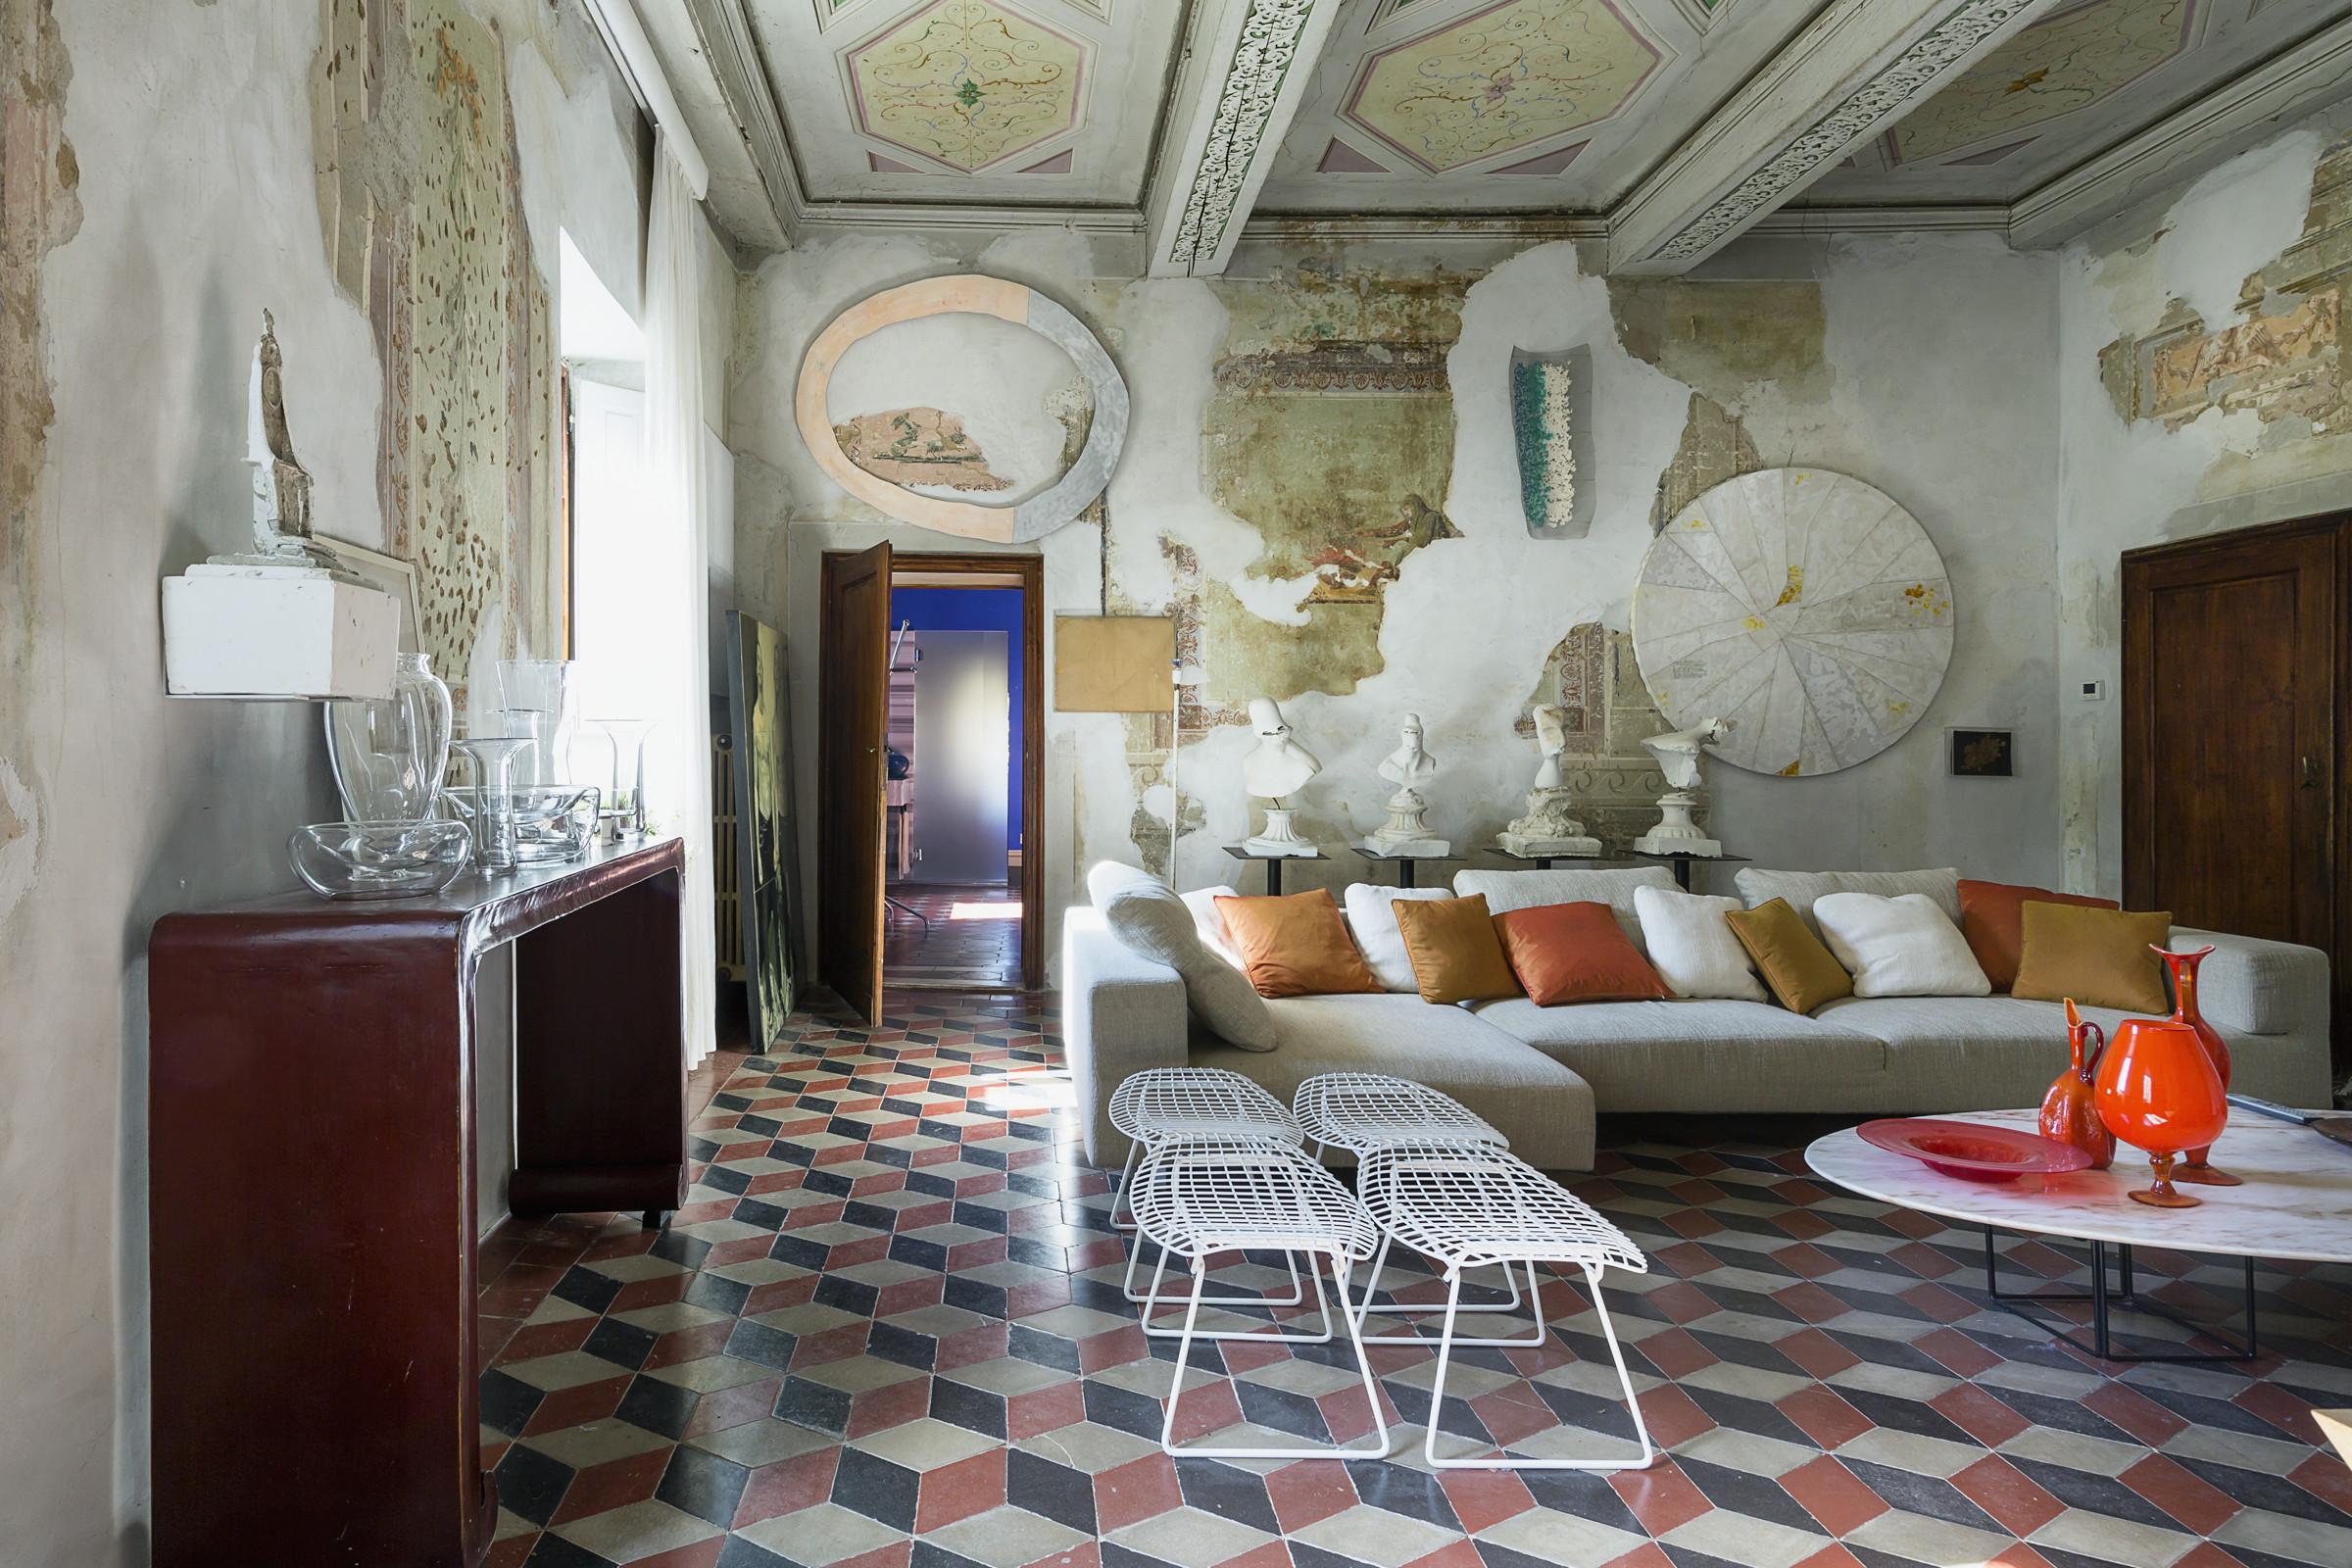 Villa Gaetas vardagsrum. Foto © Francesca Anichini.